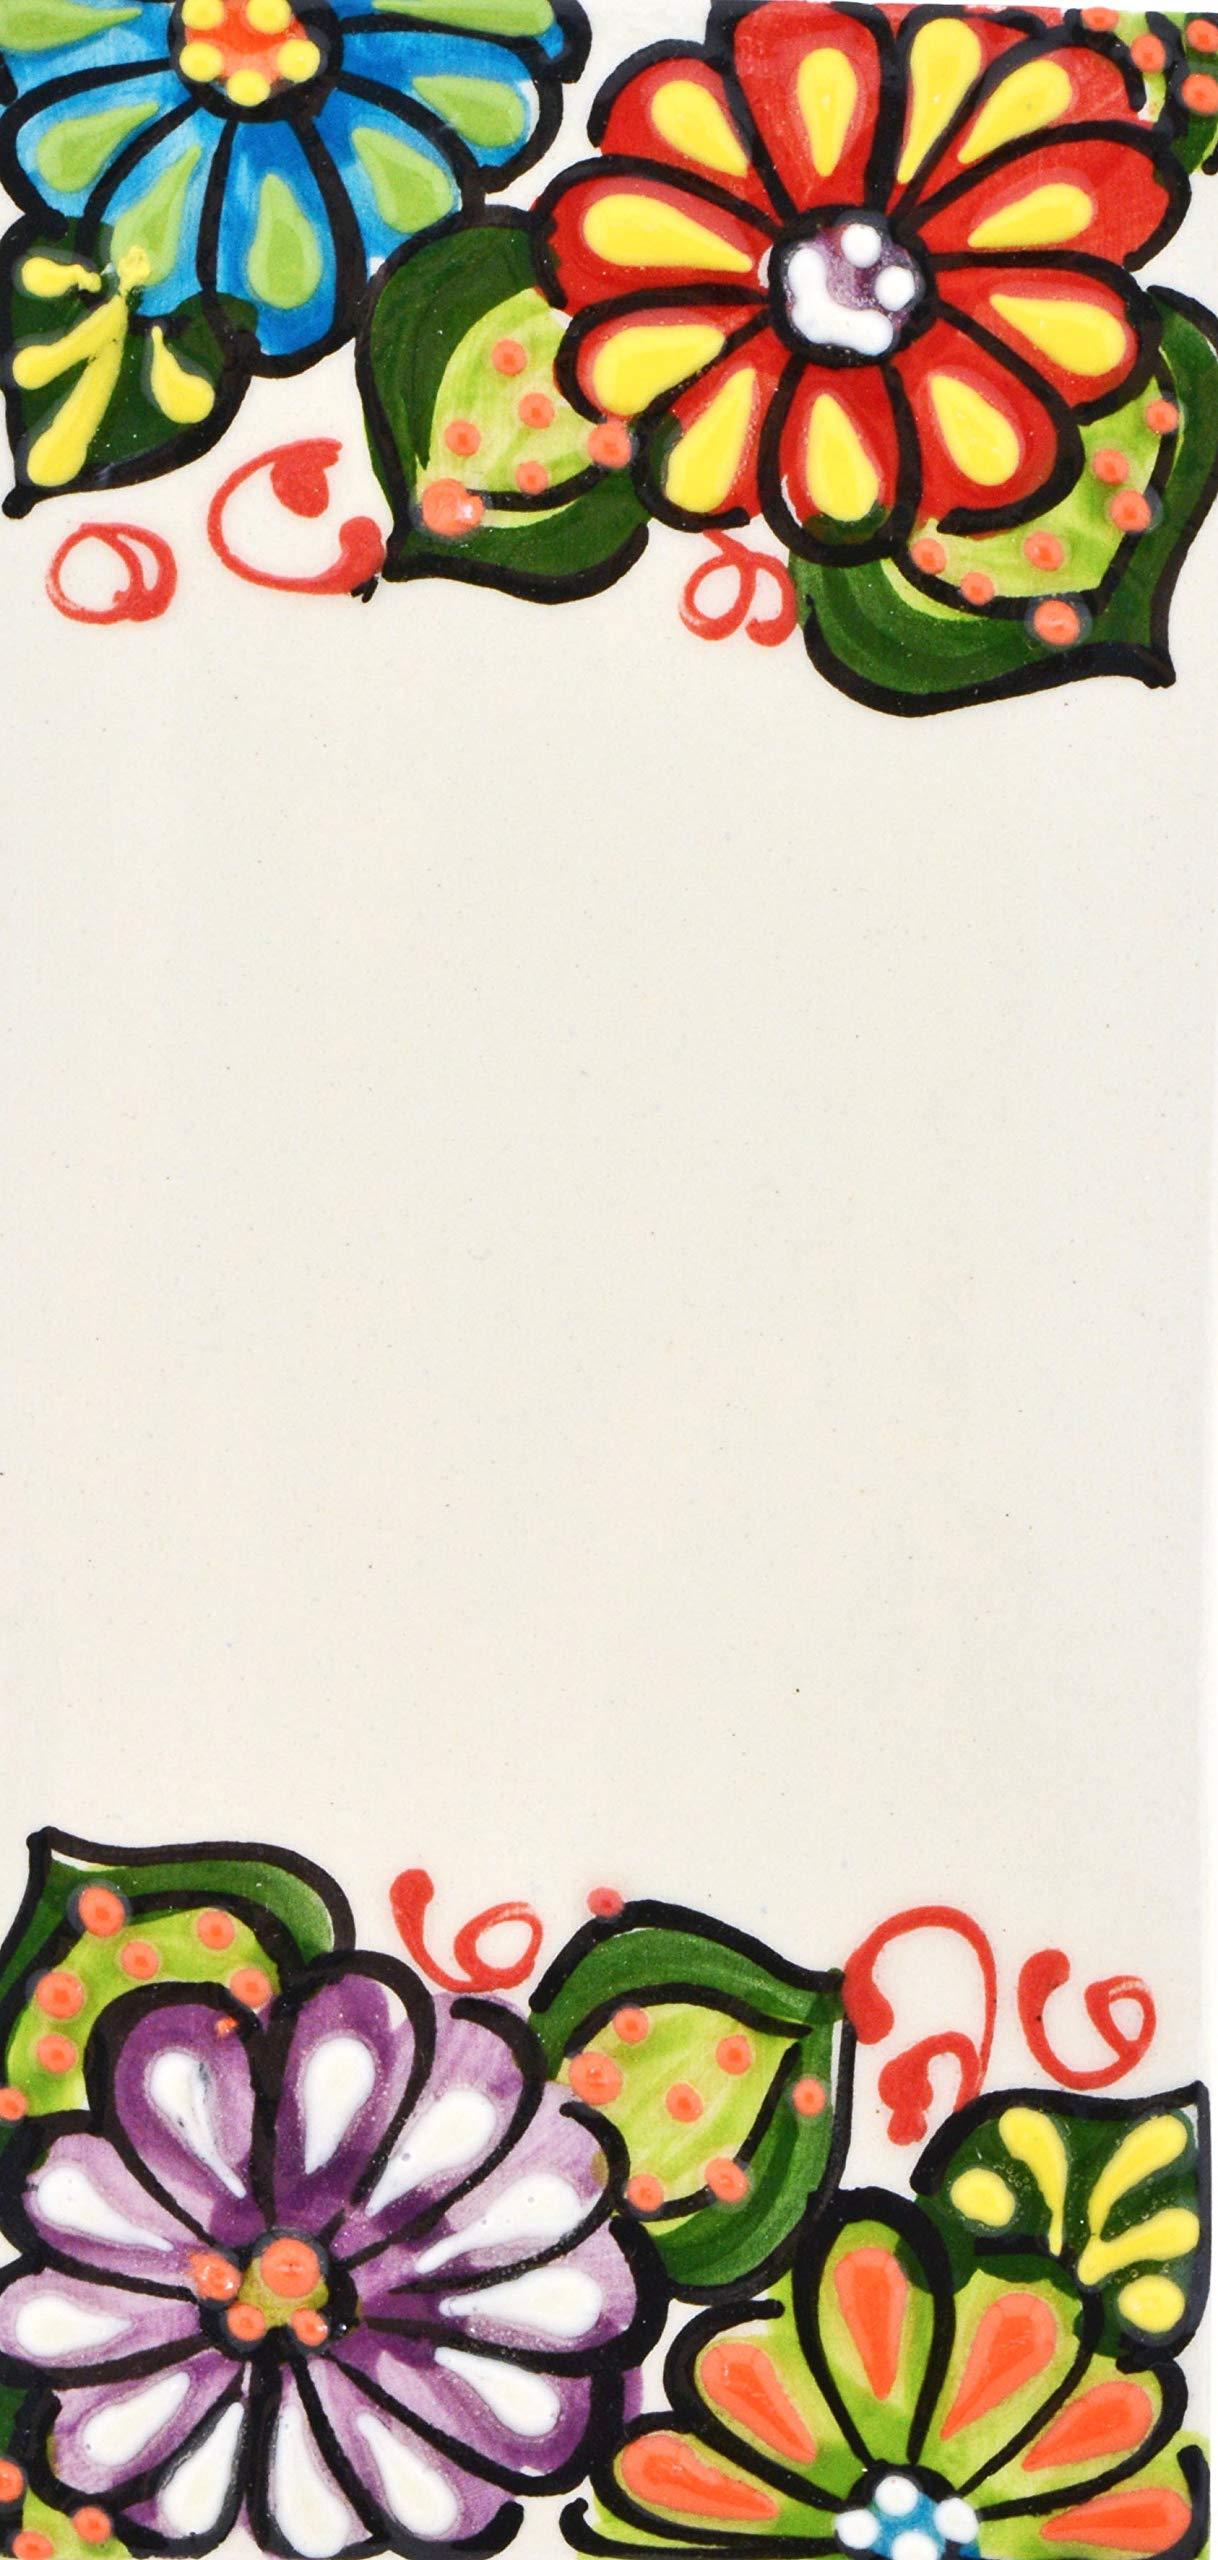 Letreros con numeros y letras en azulejo de ceramica hechos y pintados a mano, para placas con nombres, direcciones y señaléctica. Texto personalizable. Diseño JARDIN 14,5 cm x 7 cm. ESPACIO